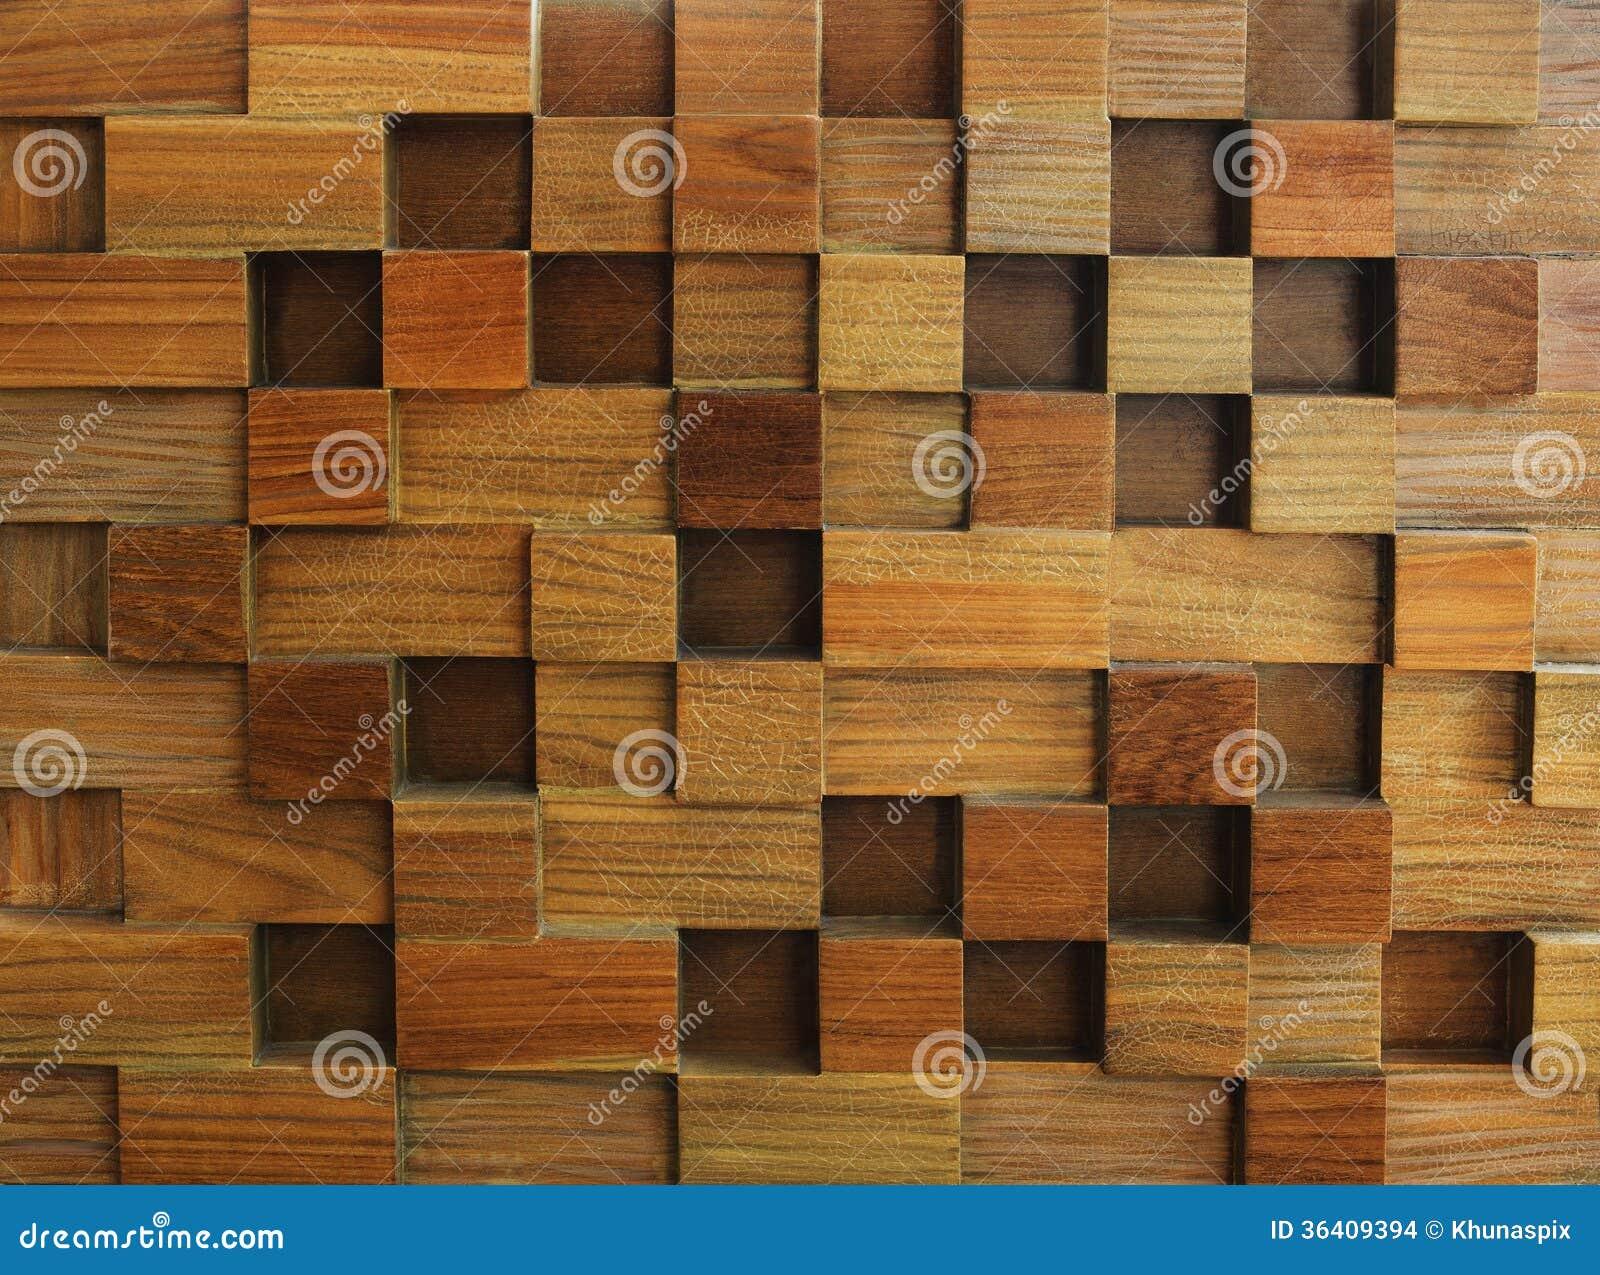 构造多用途形状的木立方体背景用途和